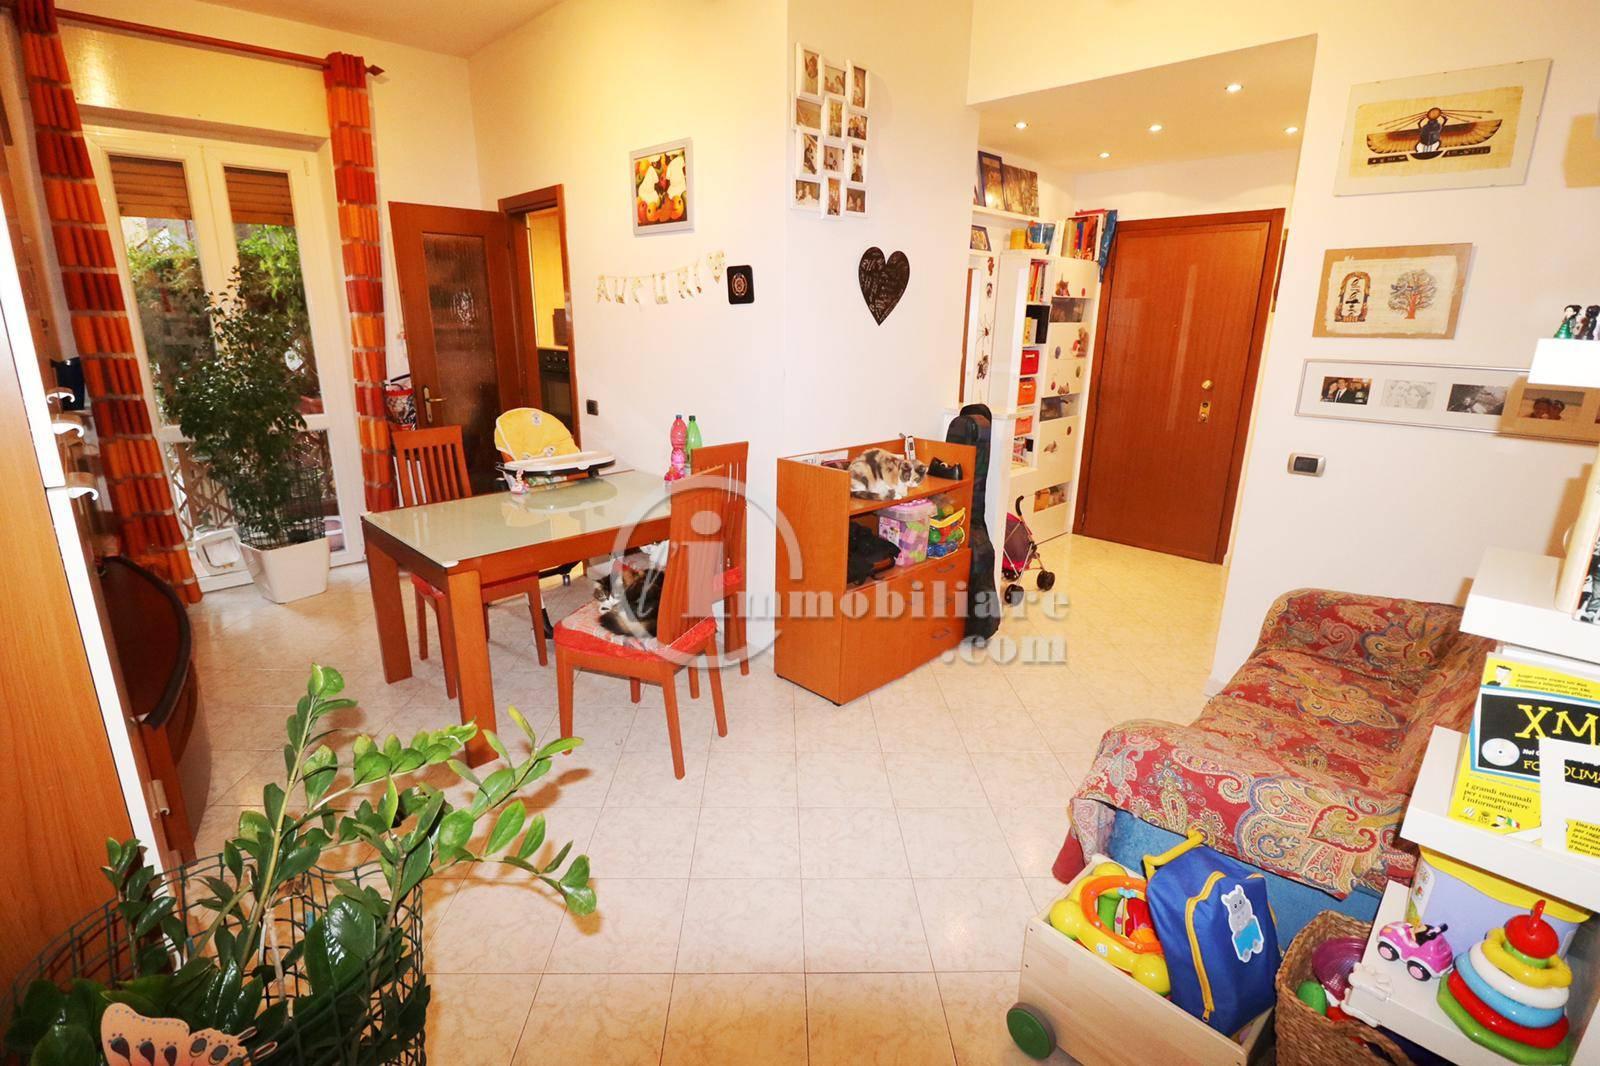 Agenzie Immobiliari Corsico 135-c299 - appartamento in vendita a corsico - l'immobiliare